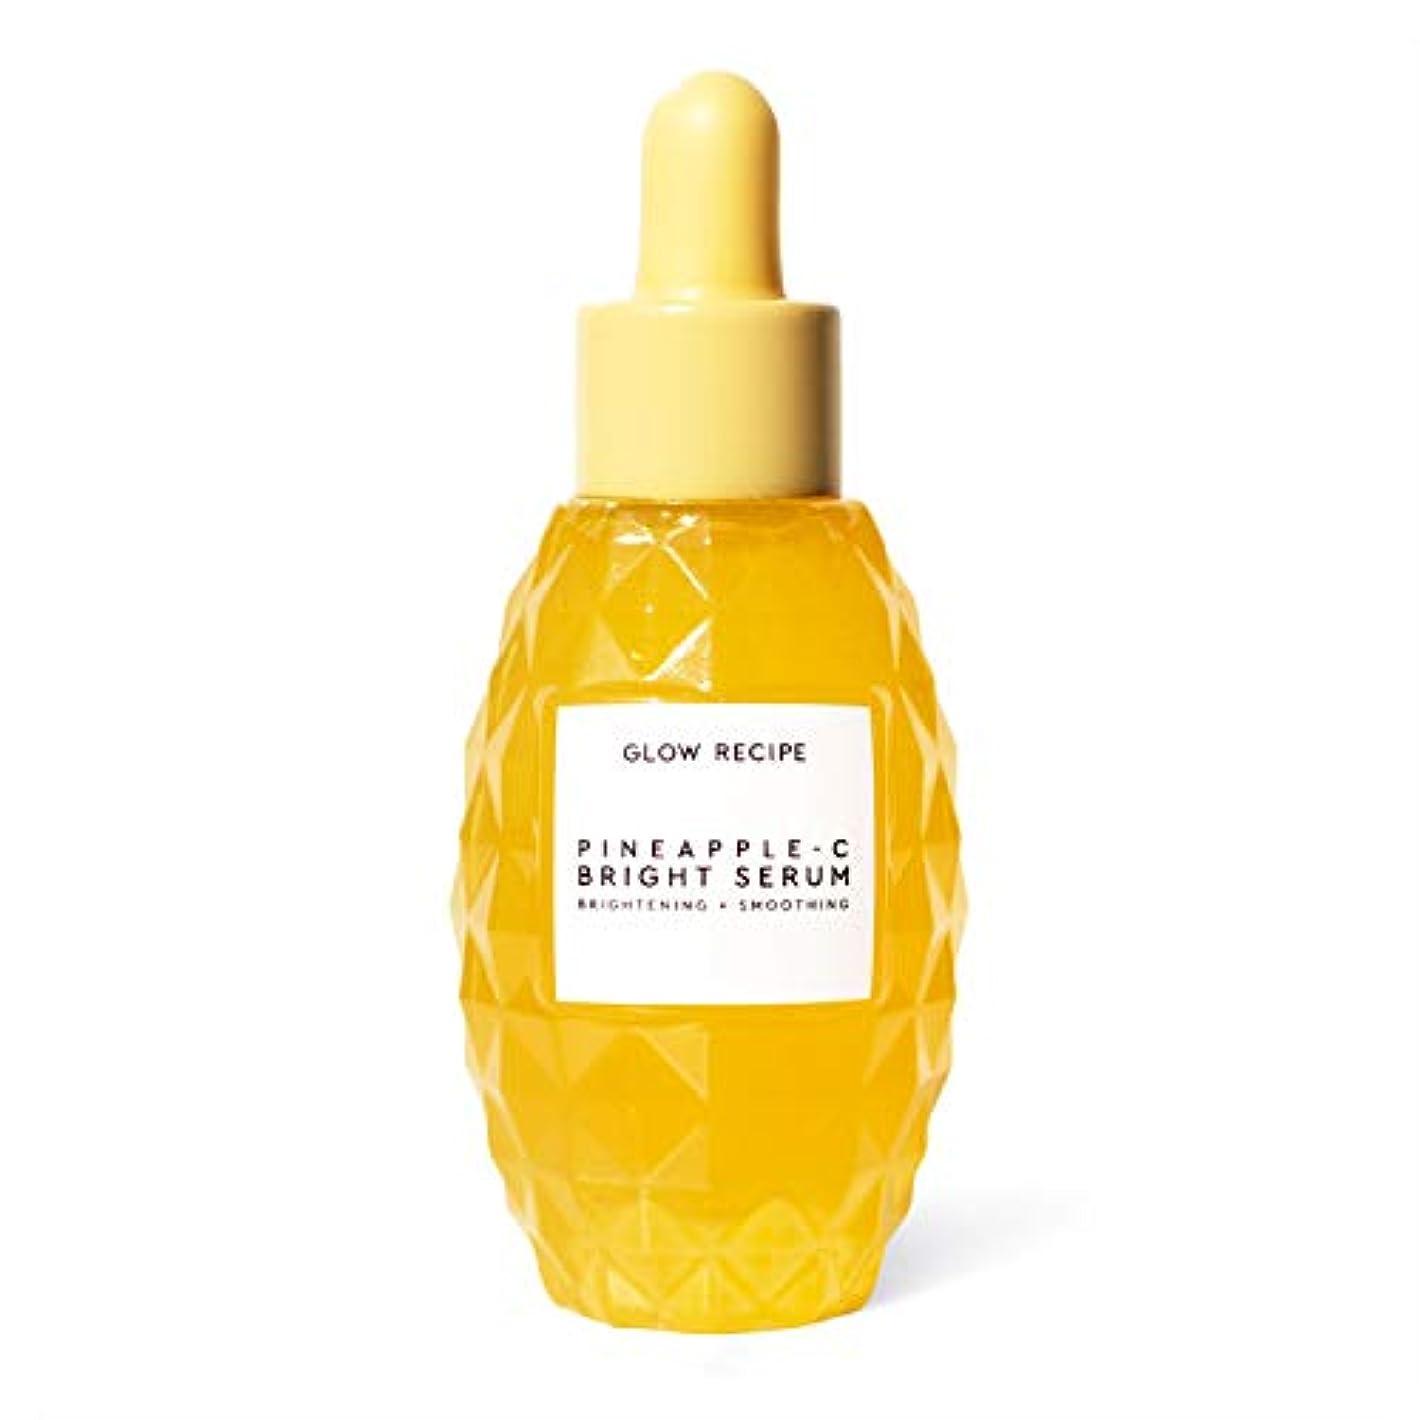 遠い揺れる診療所Glow Recipe Pineapple-C Brightening Serum 1 Fl. Oz/ 30ml グロウレシピ パイナップル シー ブライト二ング セラム